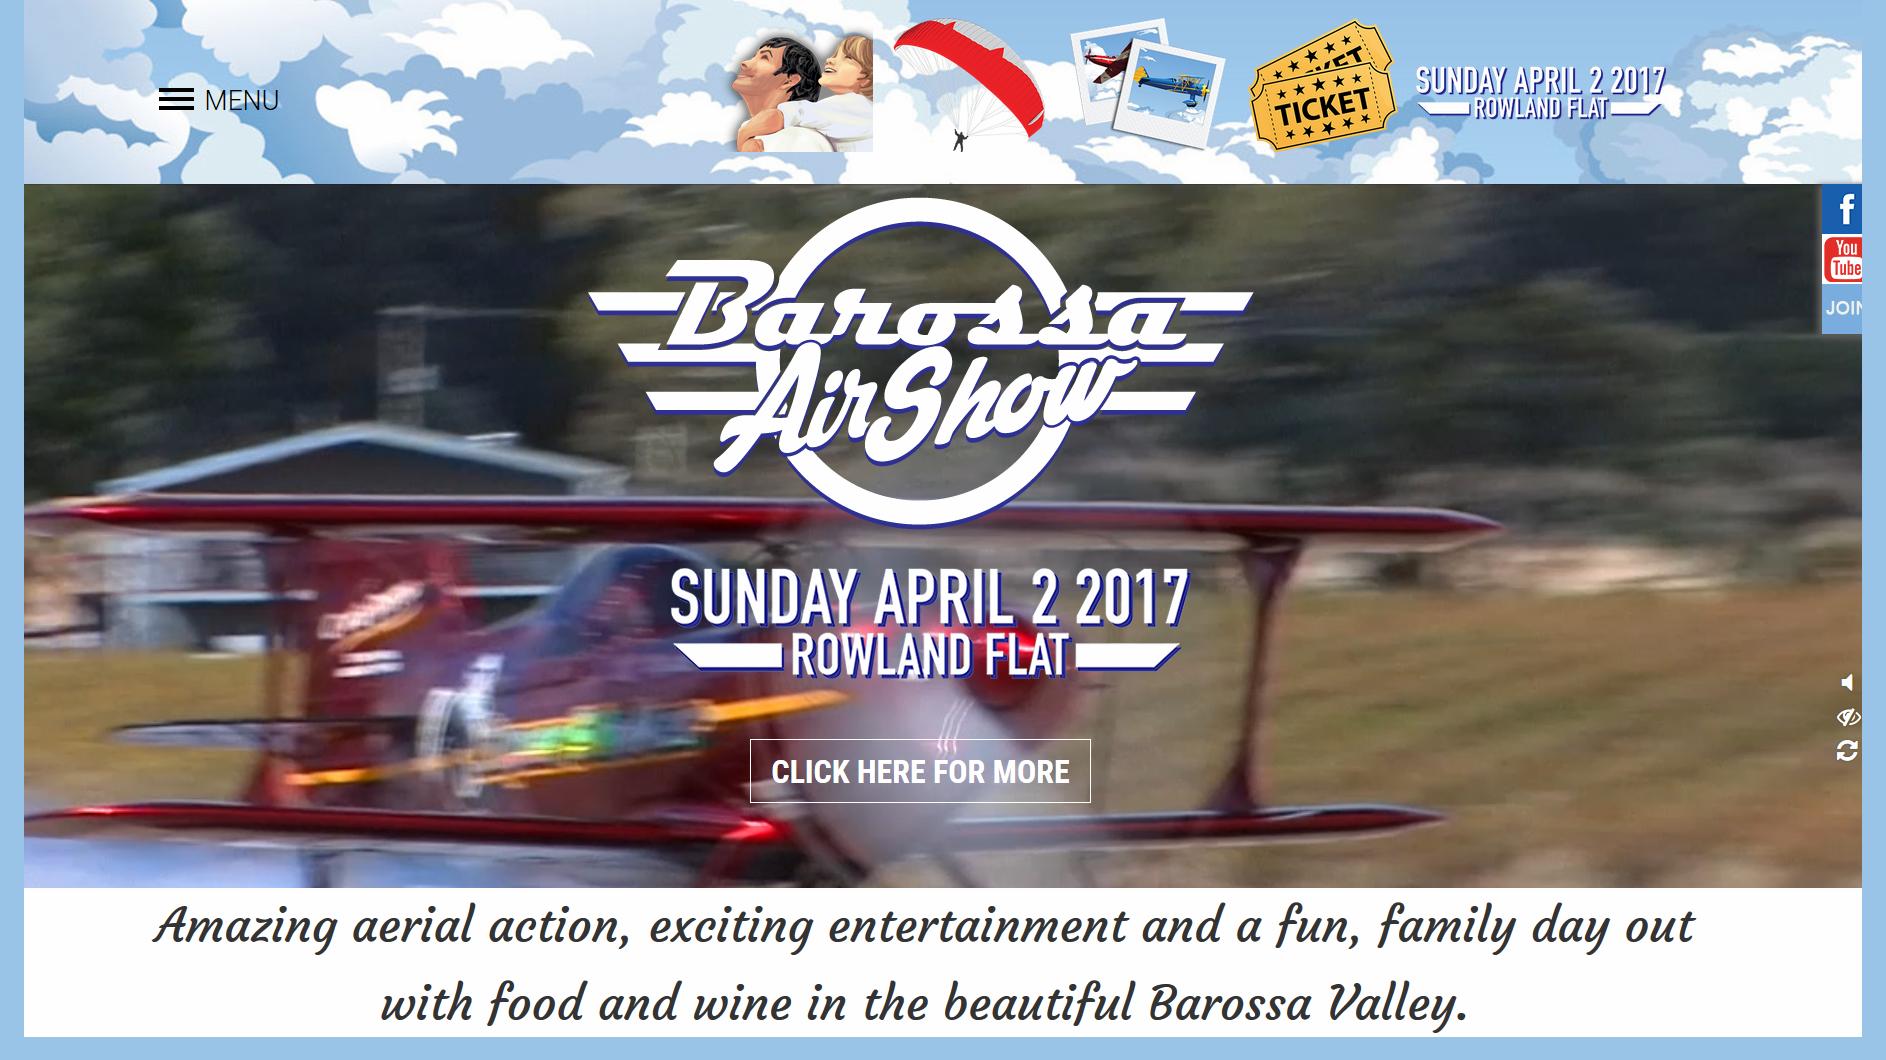 Barossa-Airshow-Event